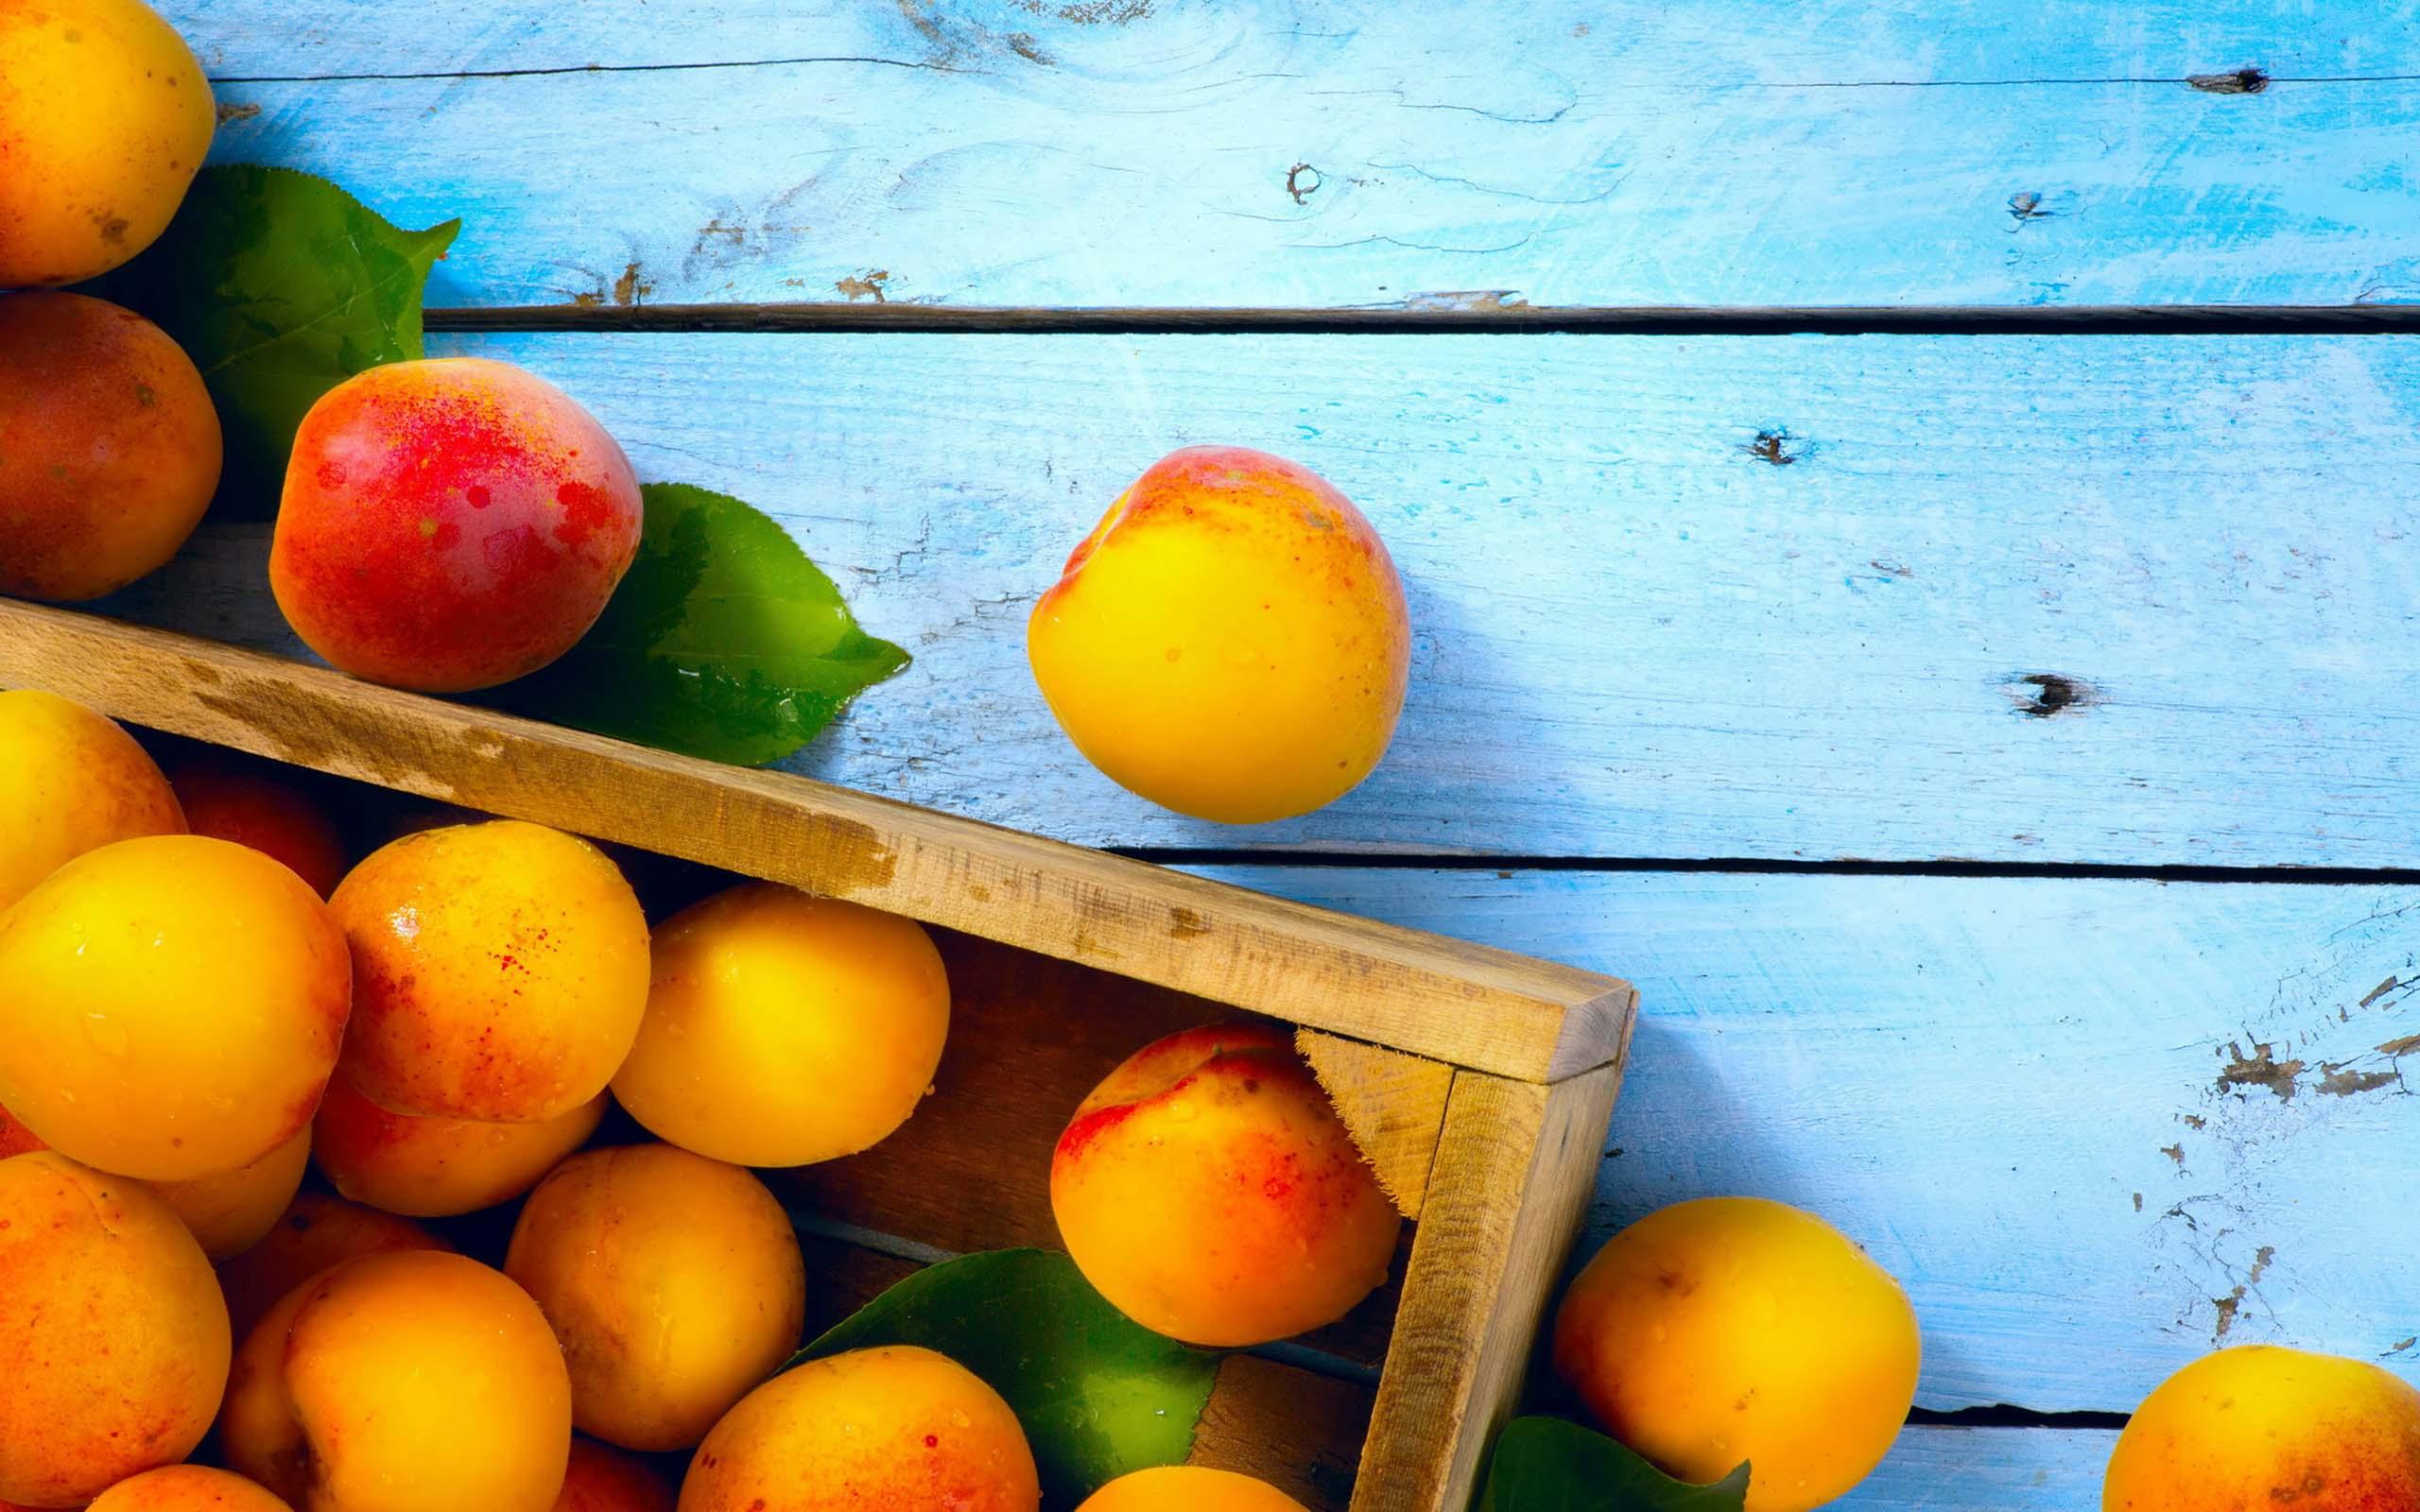 красивые картинки с персиками этих